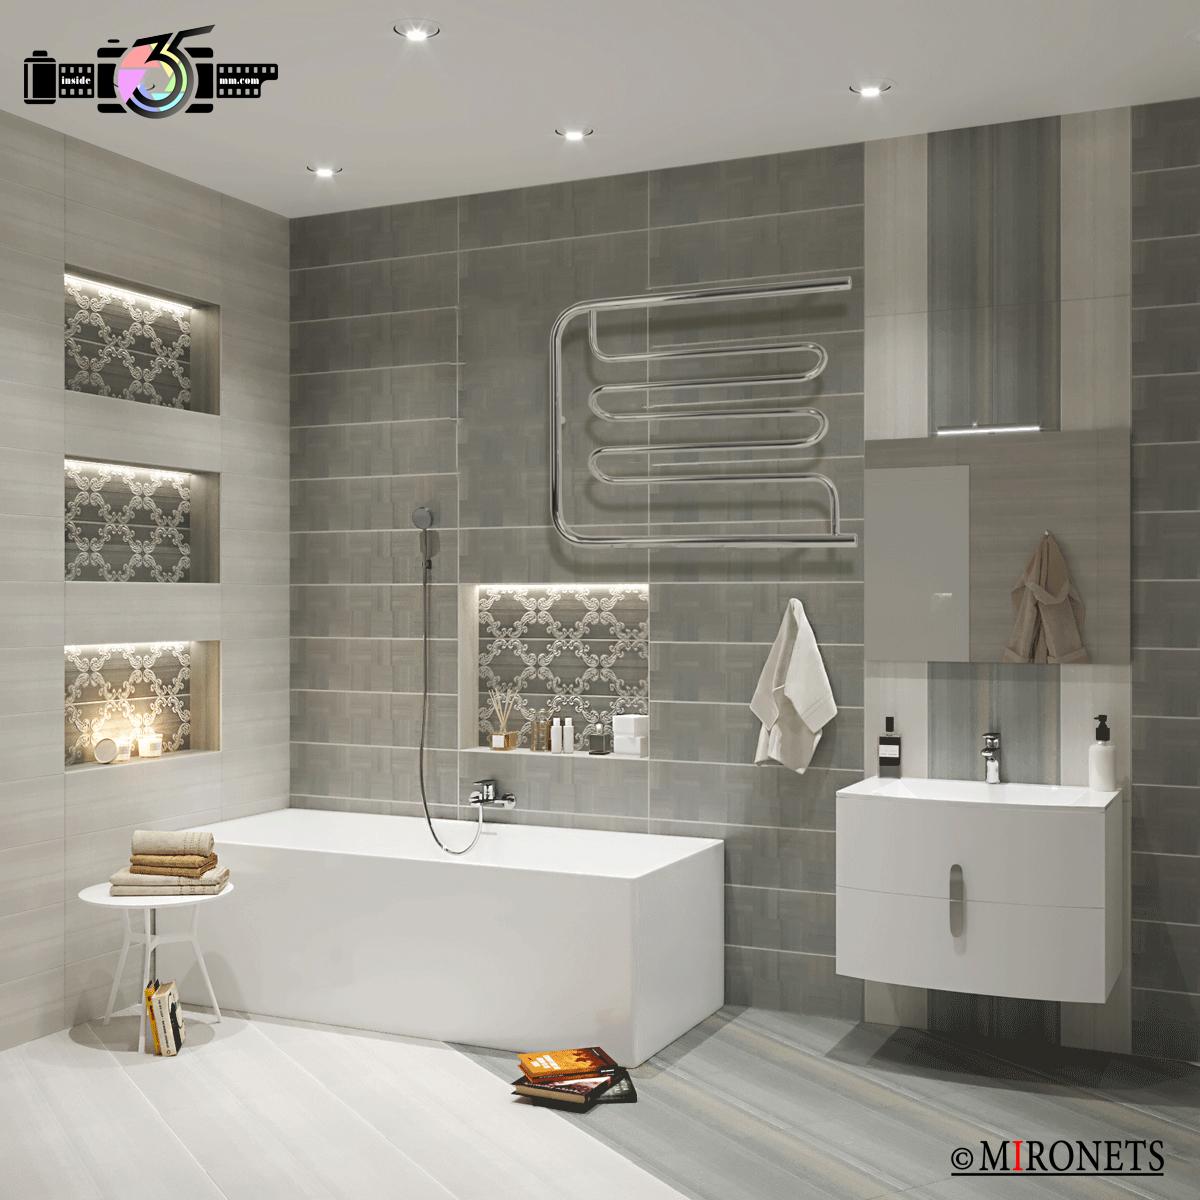 пример до и после инсталяции полотенцесушителя в ванной